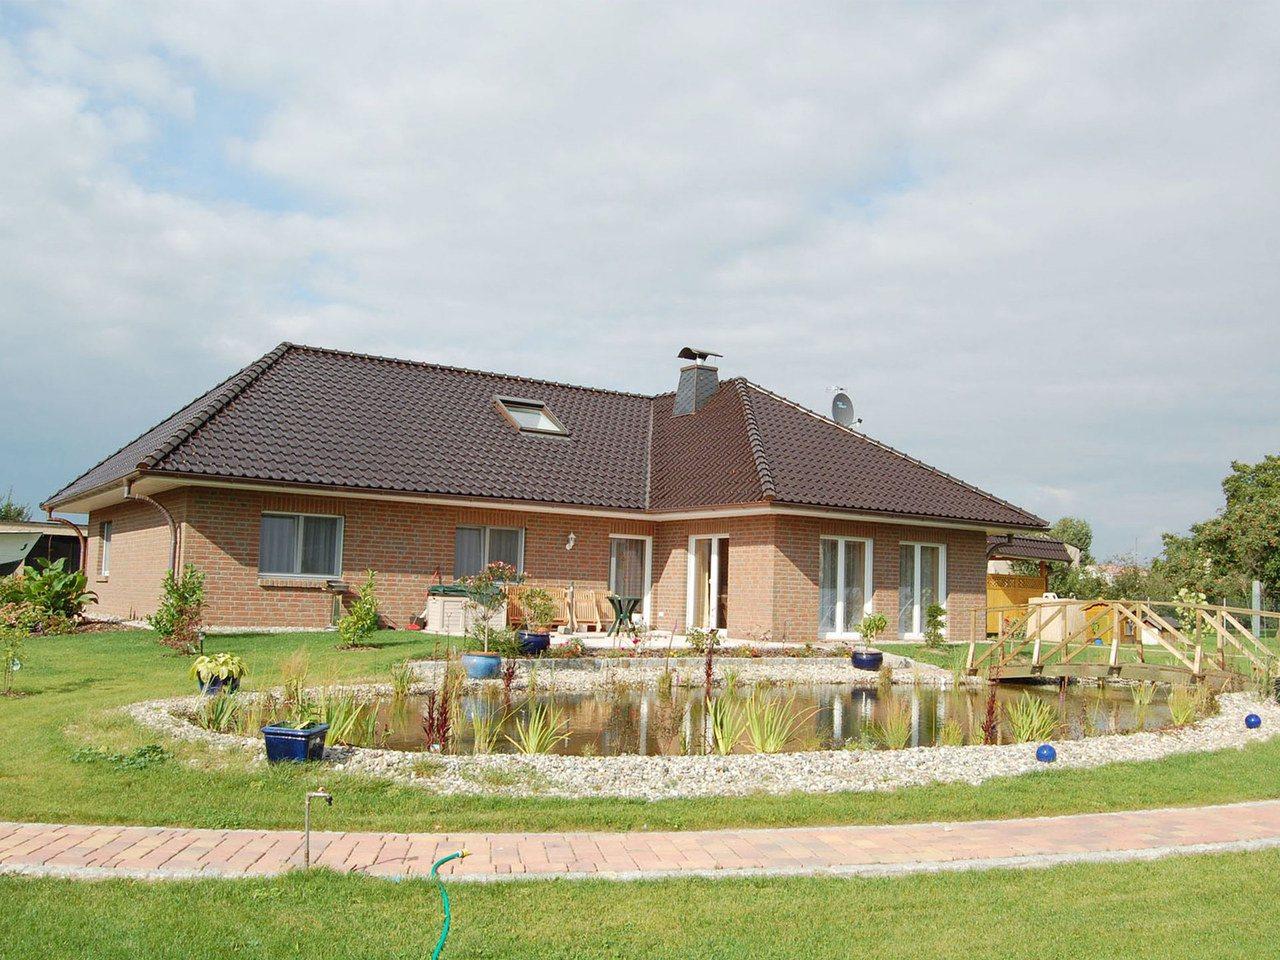 Rothenseer Baugesellschaft - Haus Am Deich